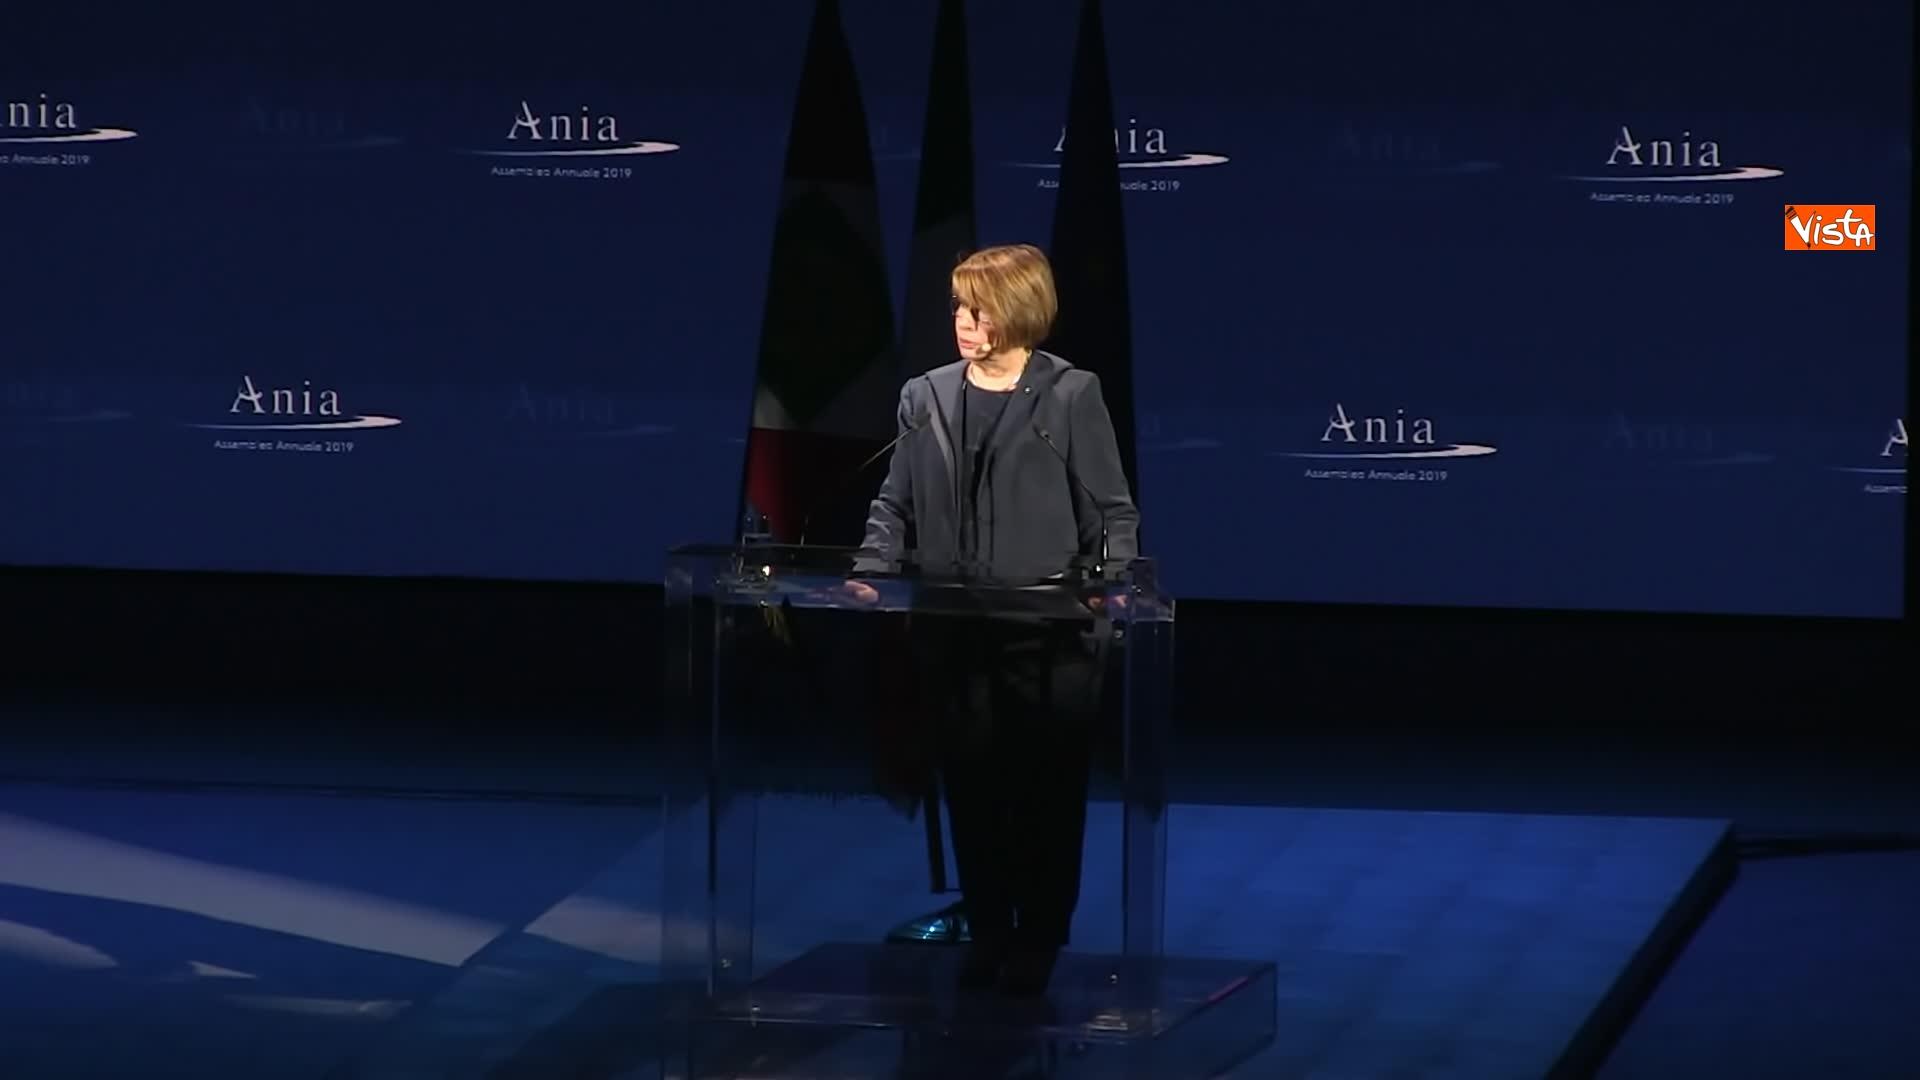 10-07-19 Ania l Assemblea con Conte Mattarella e la presidente Farina_Maria Bianca Farina presidente Ania sul palco 02